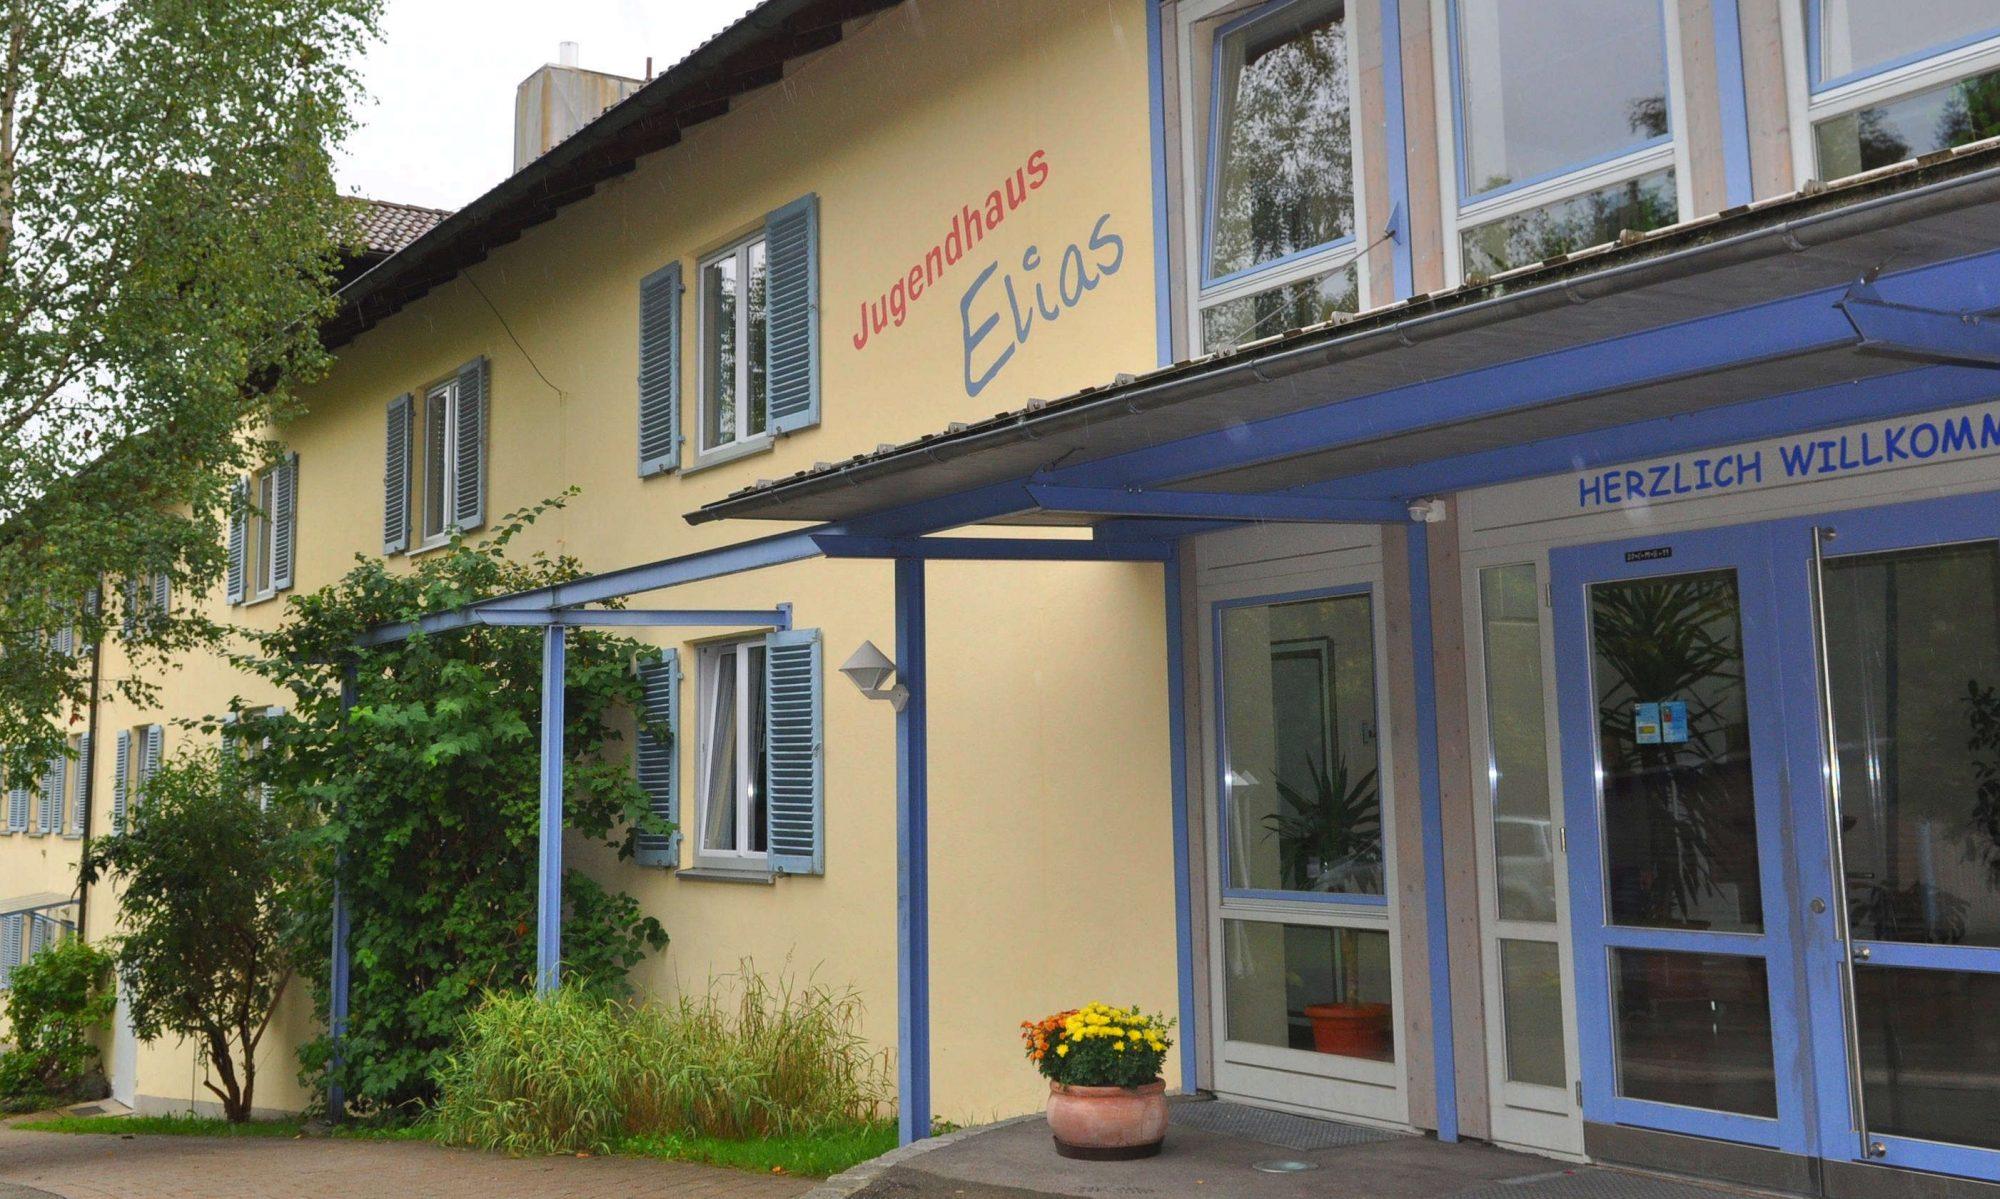 Jugendhaus Elias